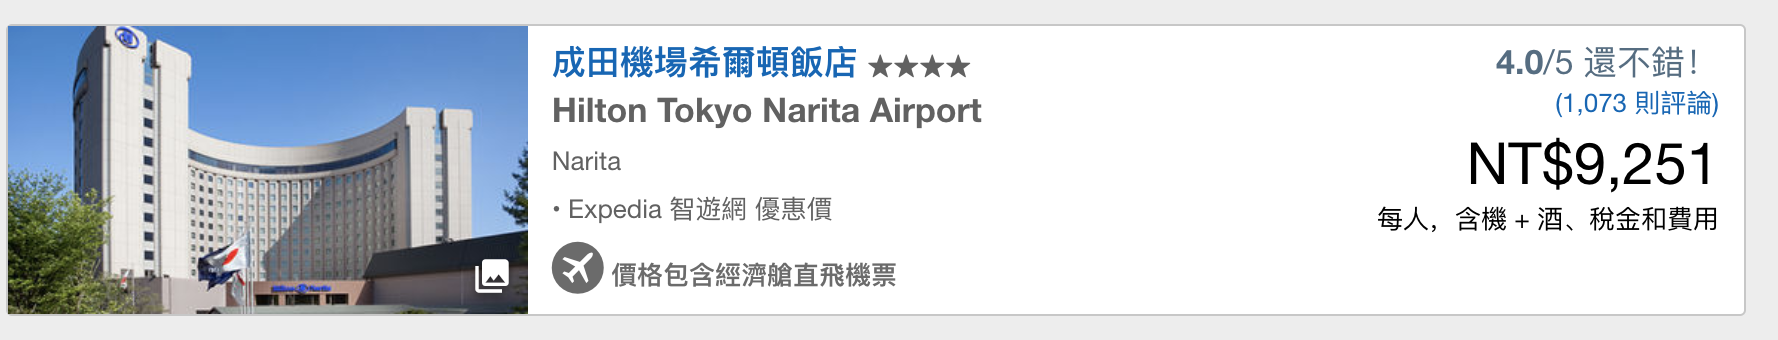 日韓機加酒,全部5K起~Expedia線上旅展,高雄台北通通有!最低機票+酒店都只要5.8K,誰說旅行很花錢?!